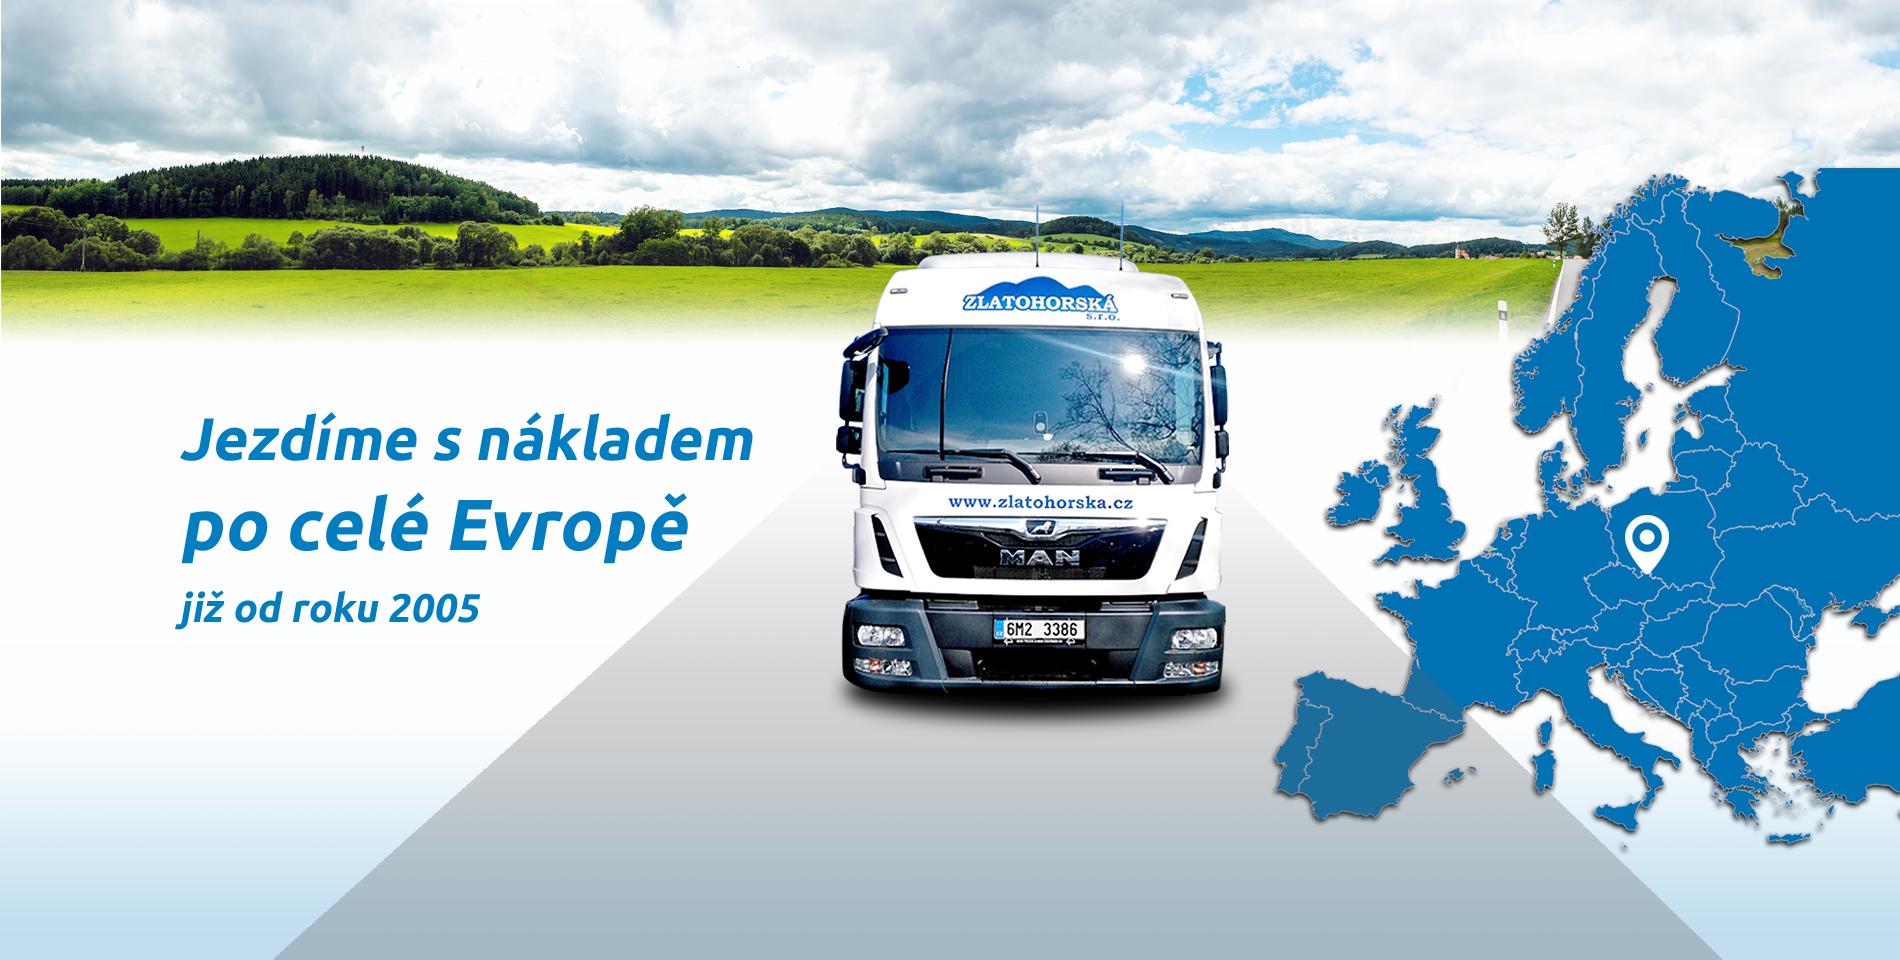 ZLATOHORSKÁ AUTODOPRAVA - nákladní doprava